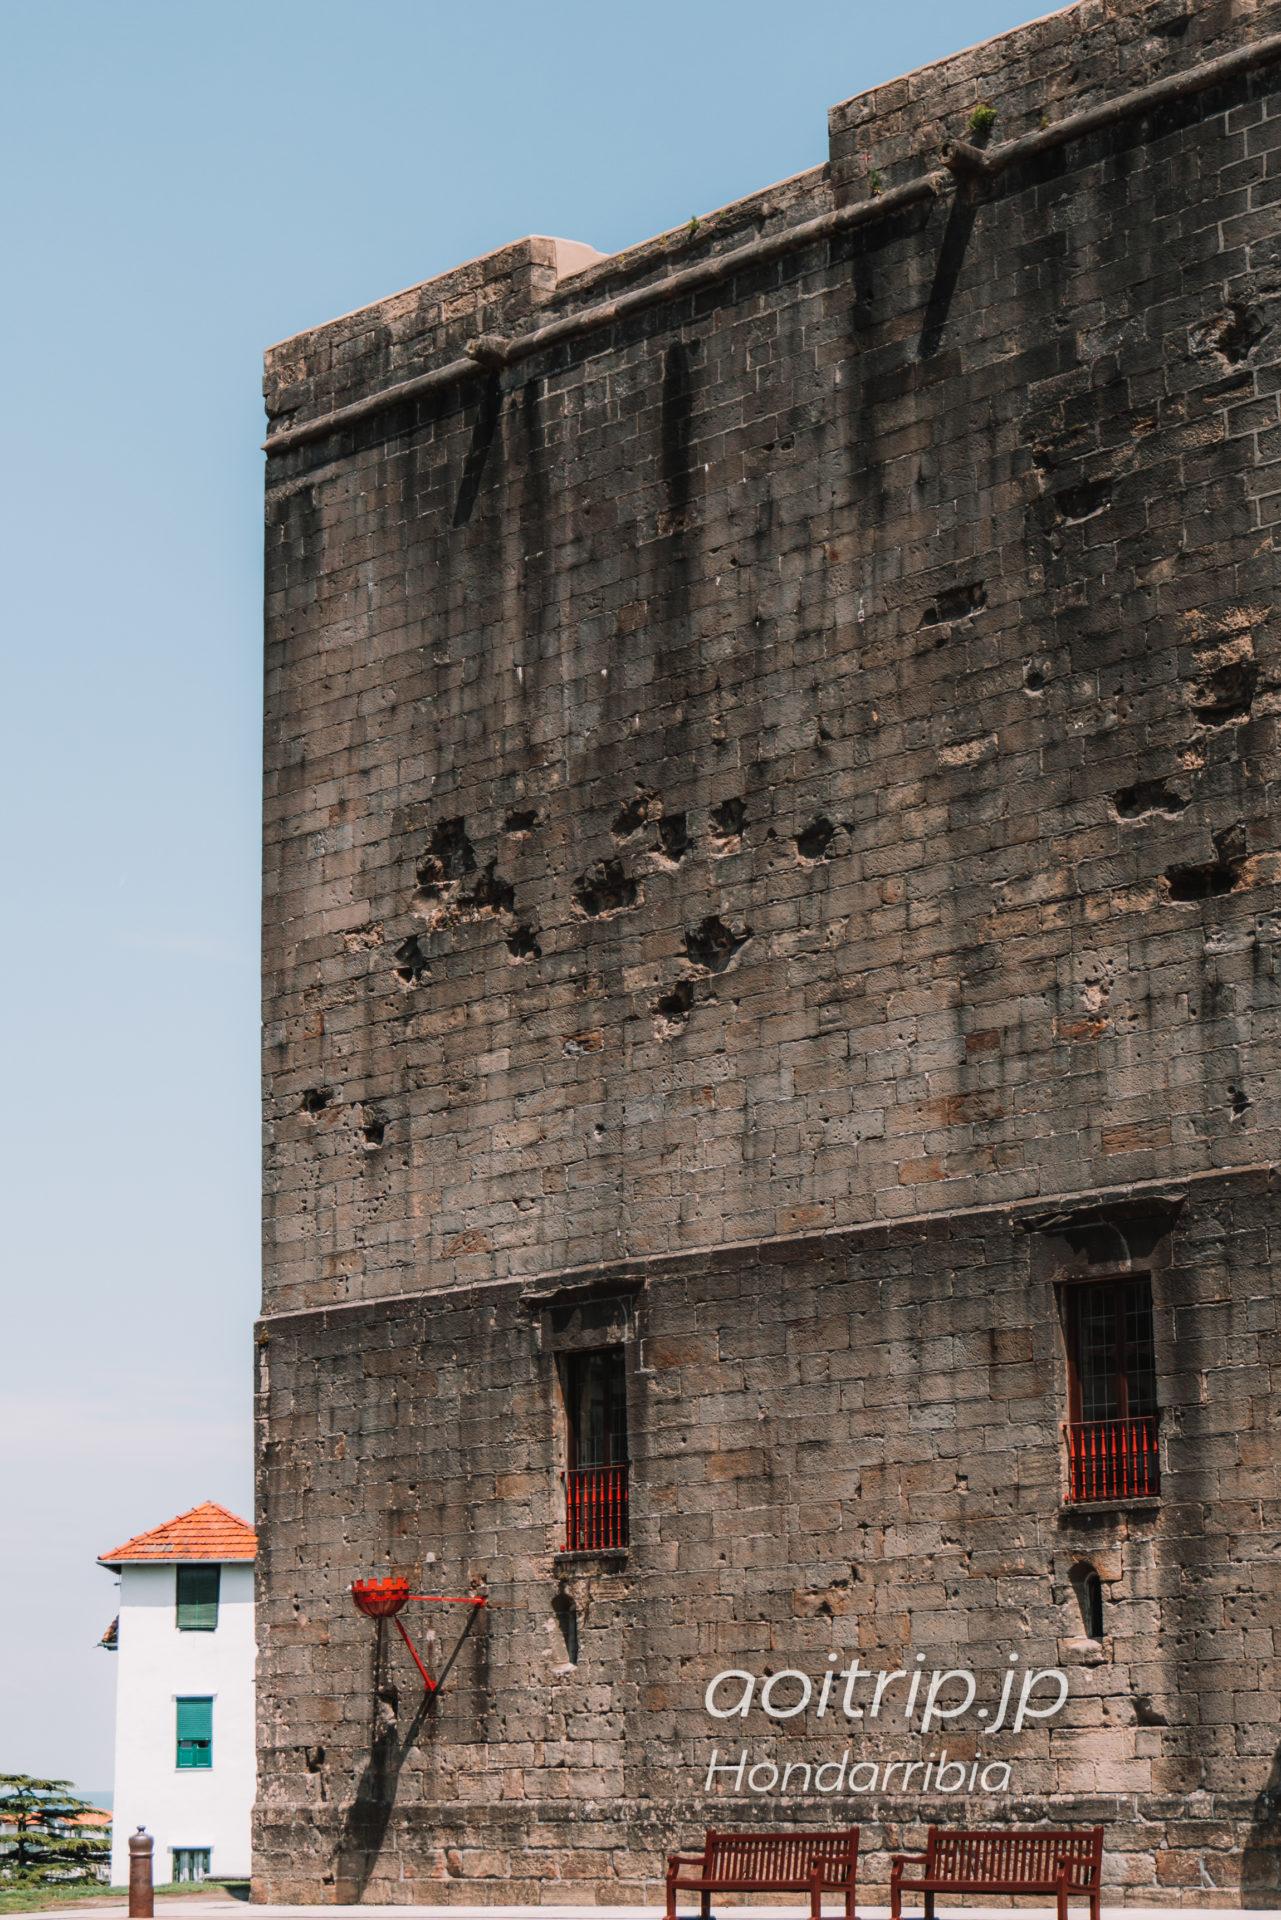 パラドールデオンダリビアのホテル外観